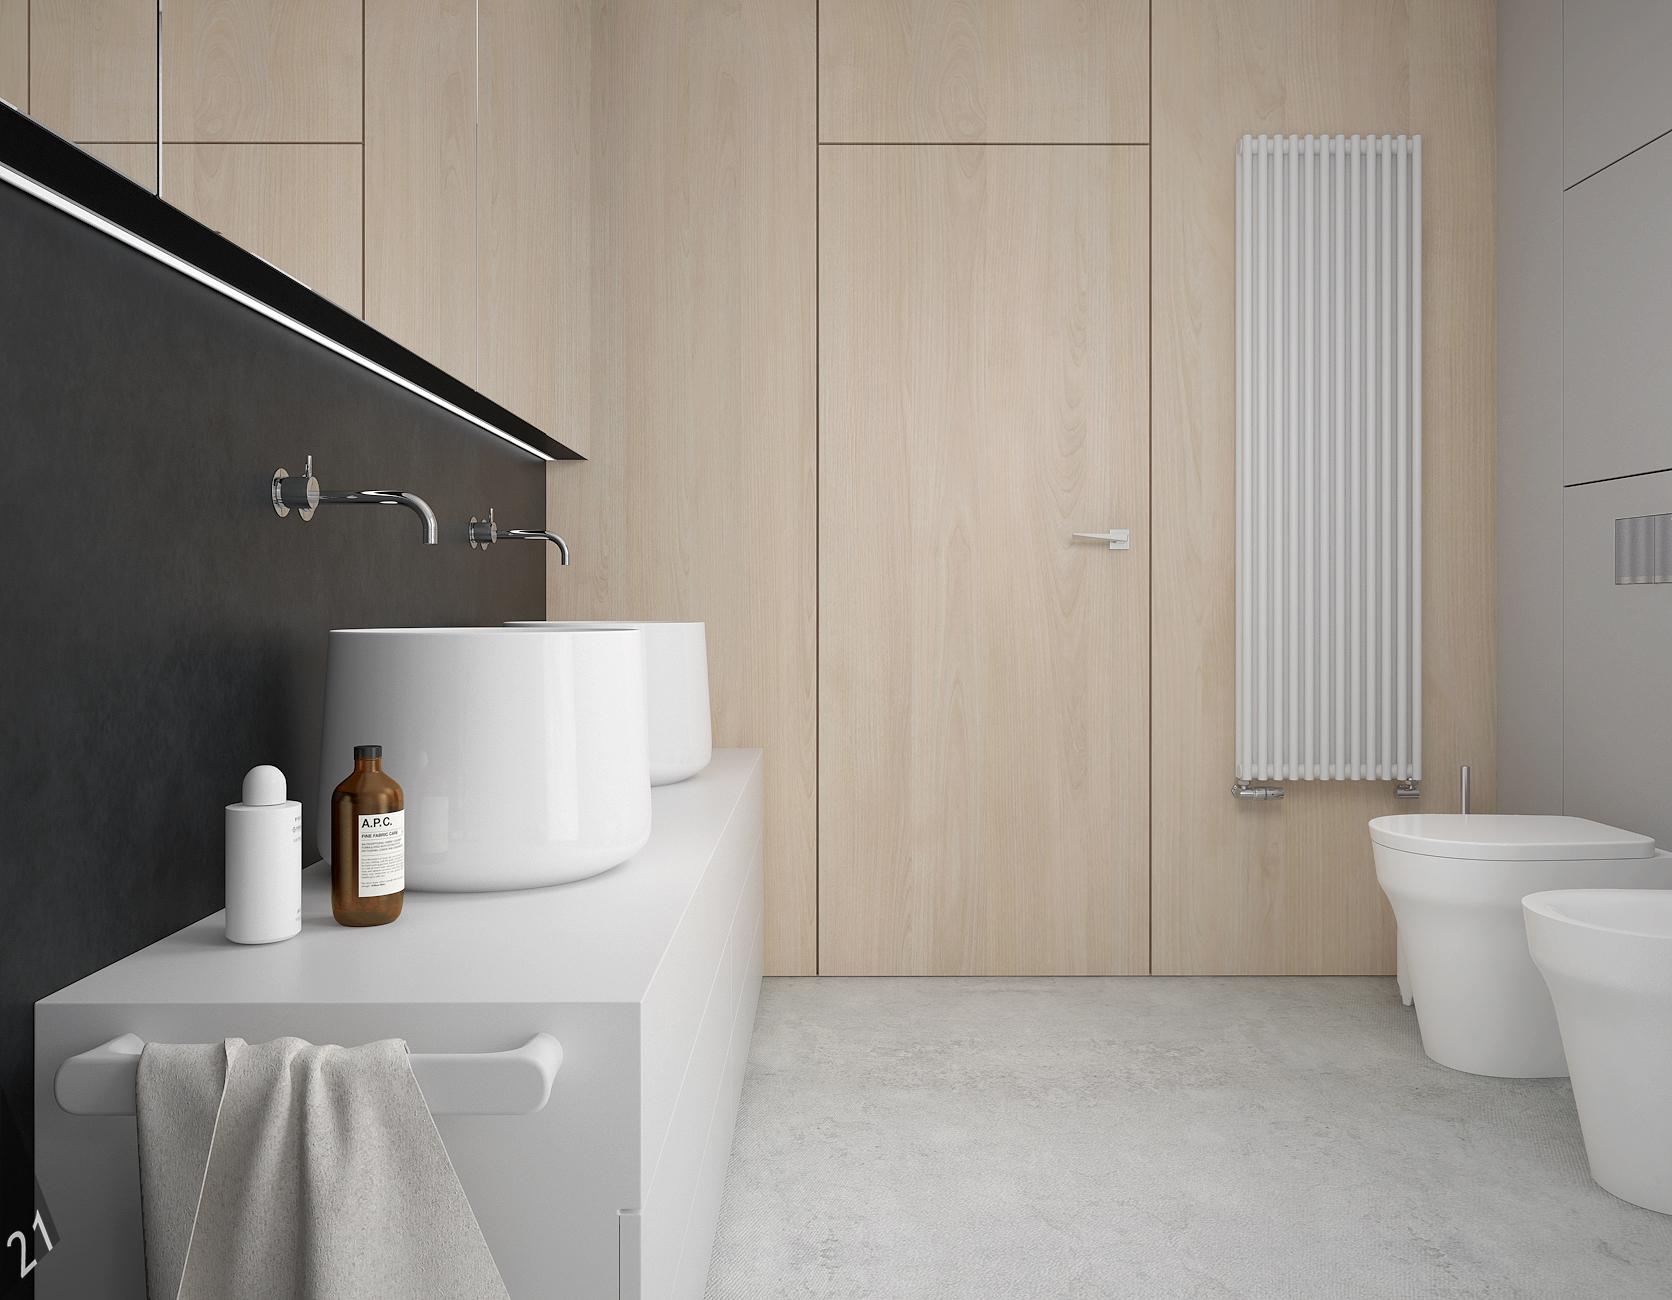 8 projektant wnetrz D372 dom z antresola katowice lazienka dwie umywalki drewniana sciana z drzwiami betonowa posadzka umywalki nablatowe